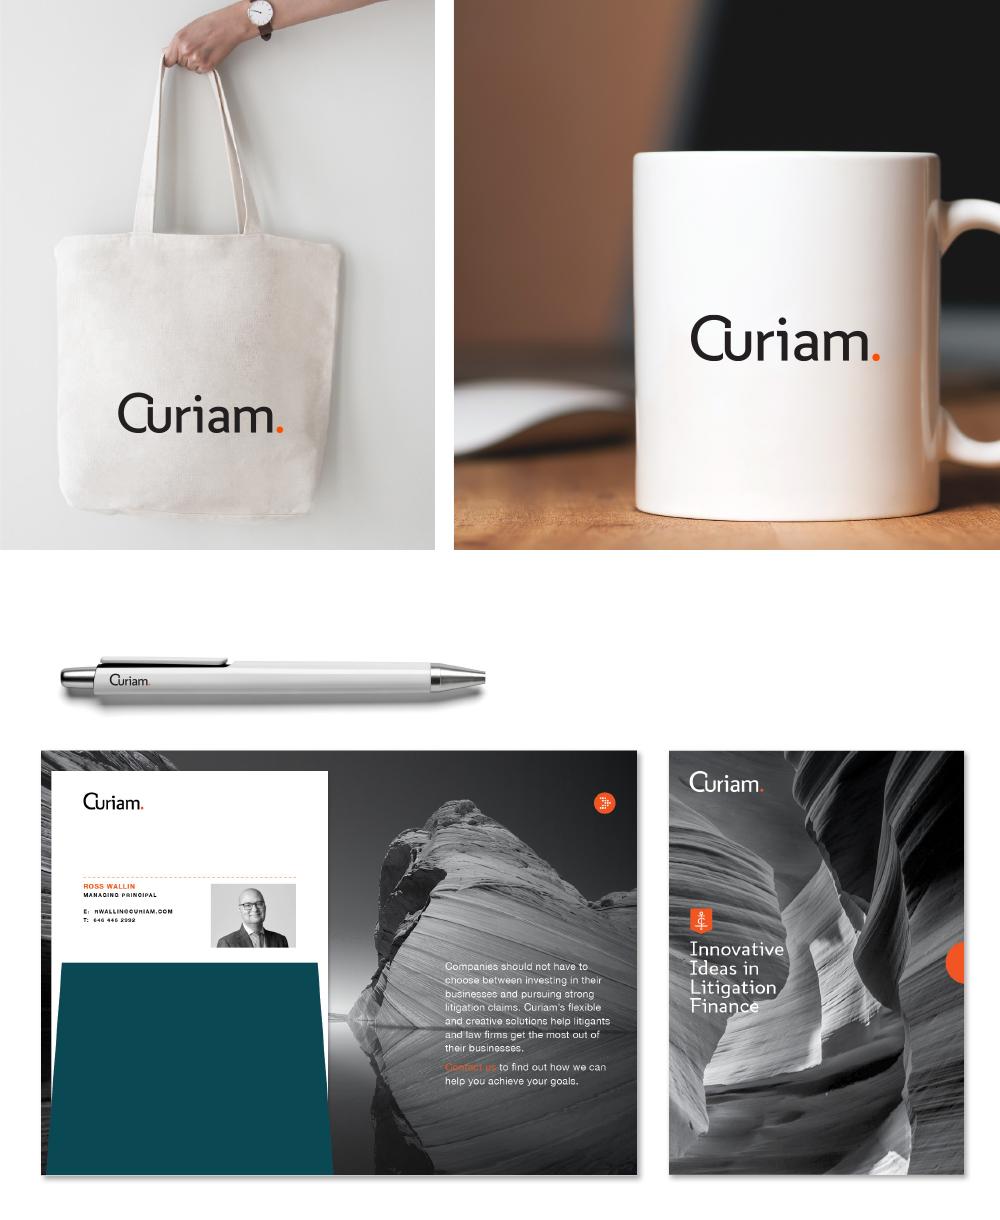 Curium_08.png